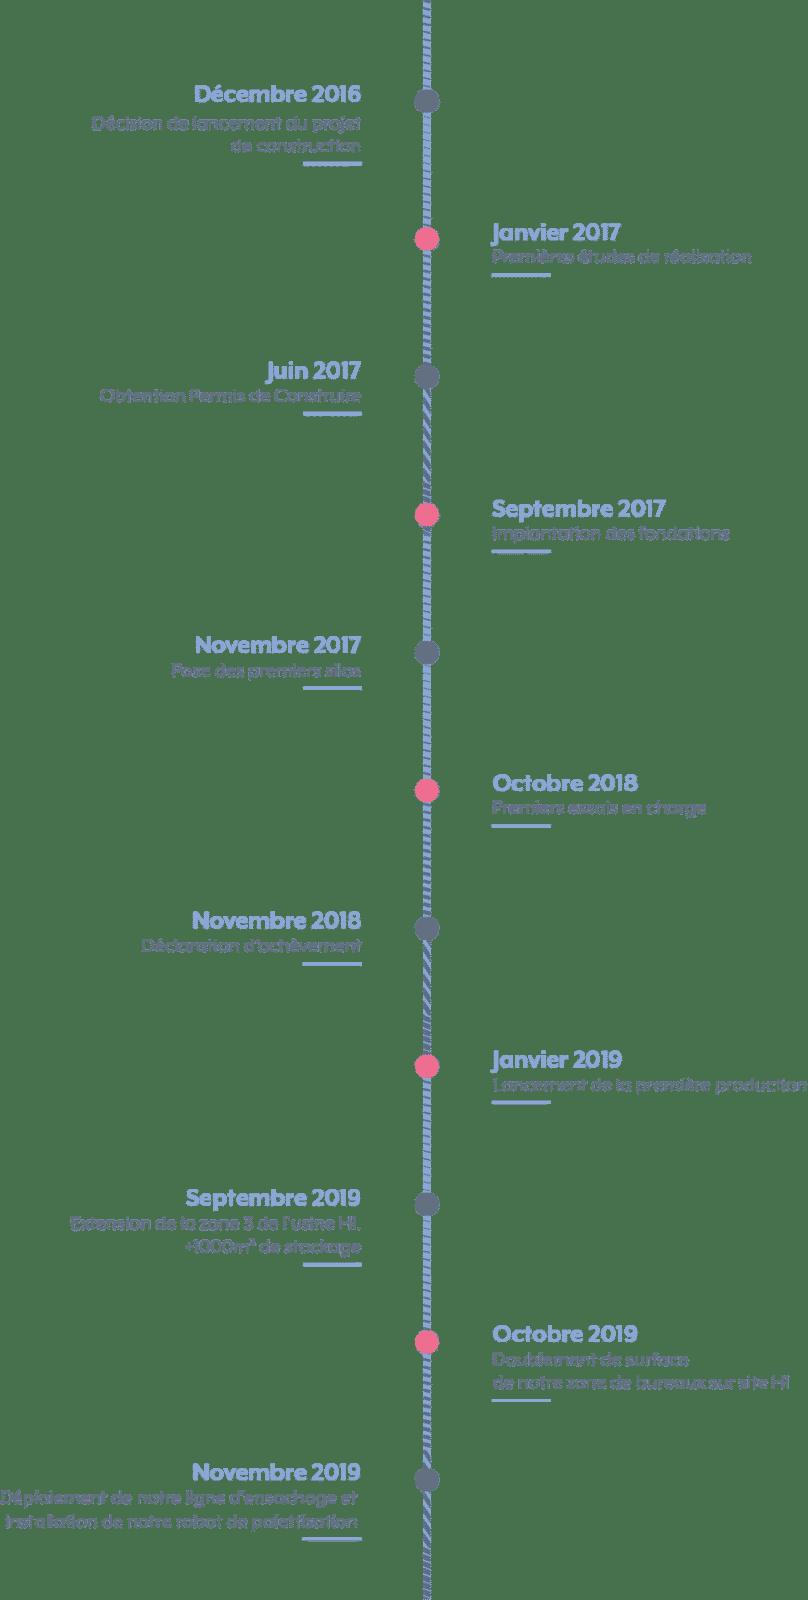 Timeline histoire site industriel